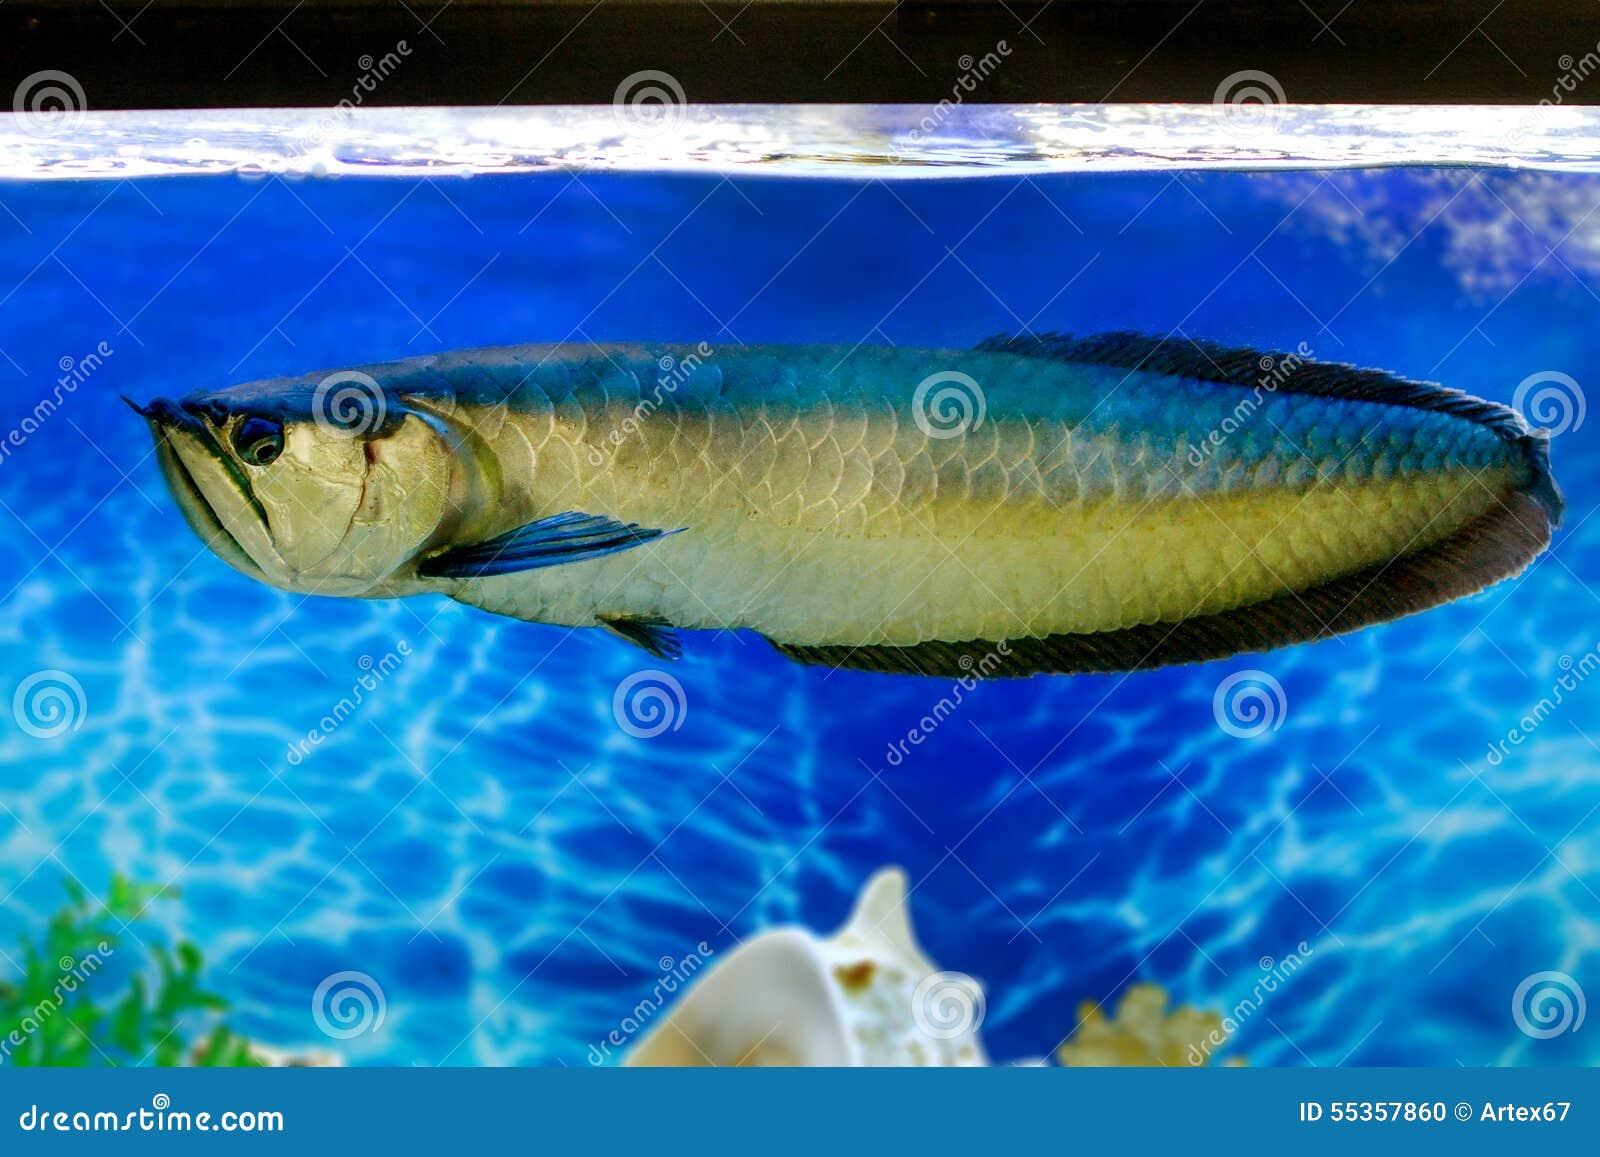 Freshwater fish for aquarium pictures - Arovana Tropical Freshwater Fish In The Aquarium